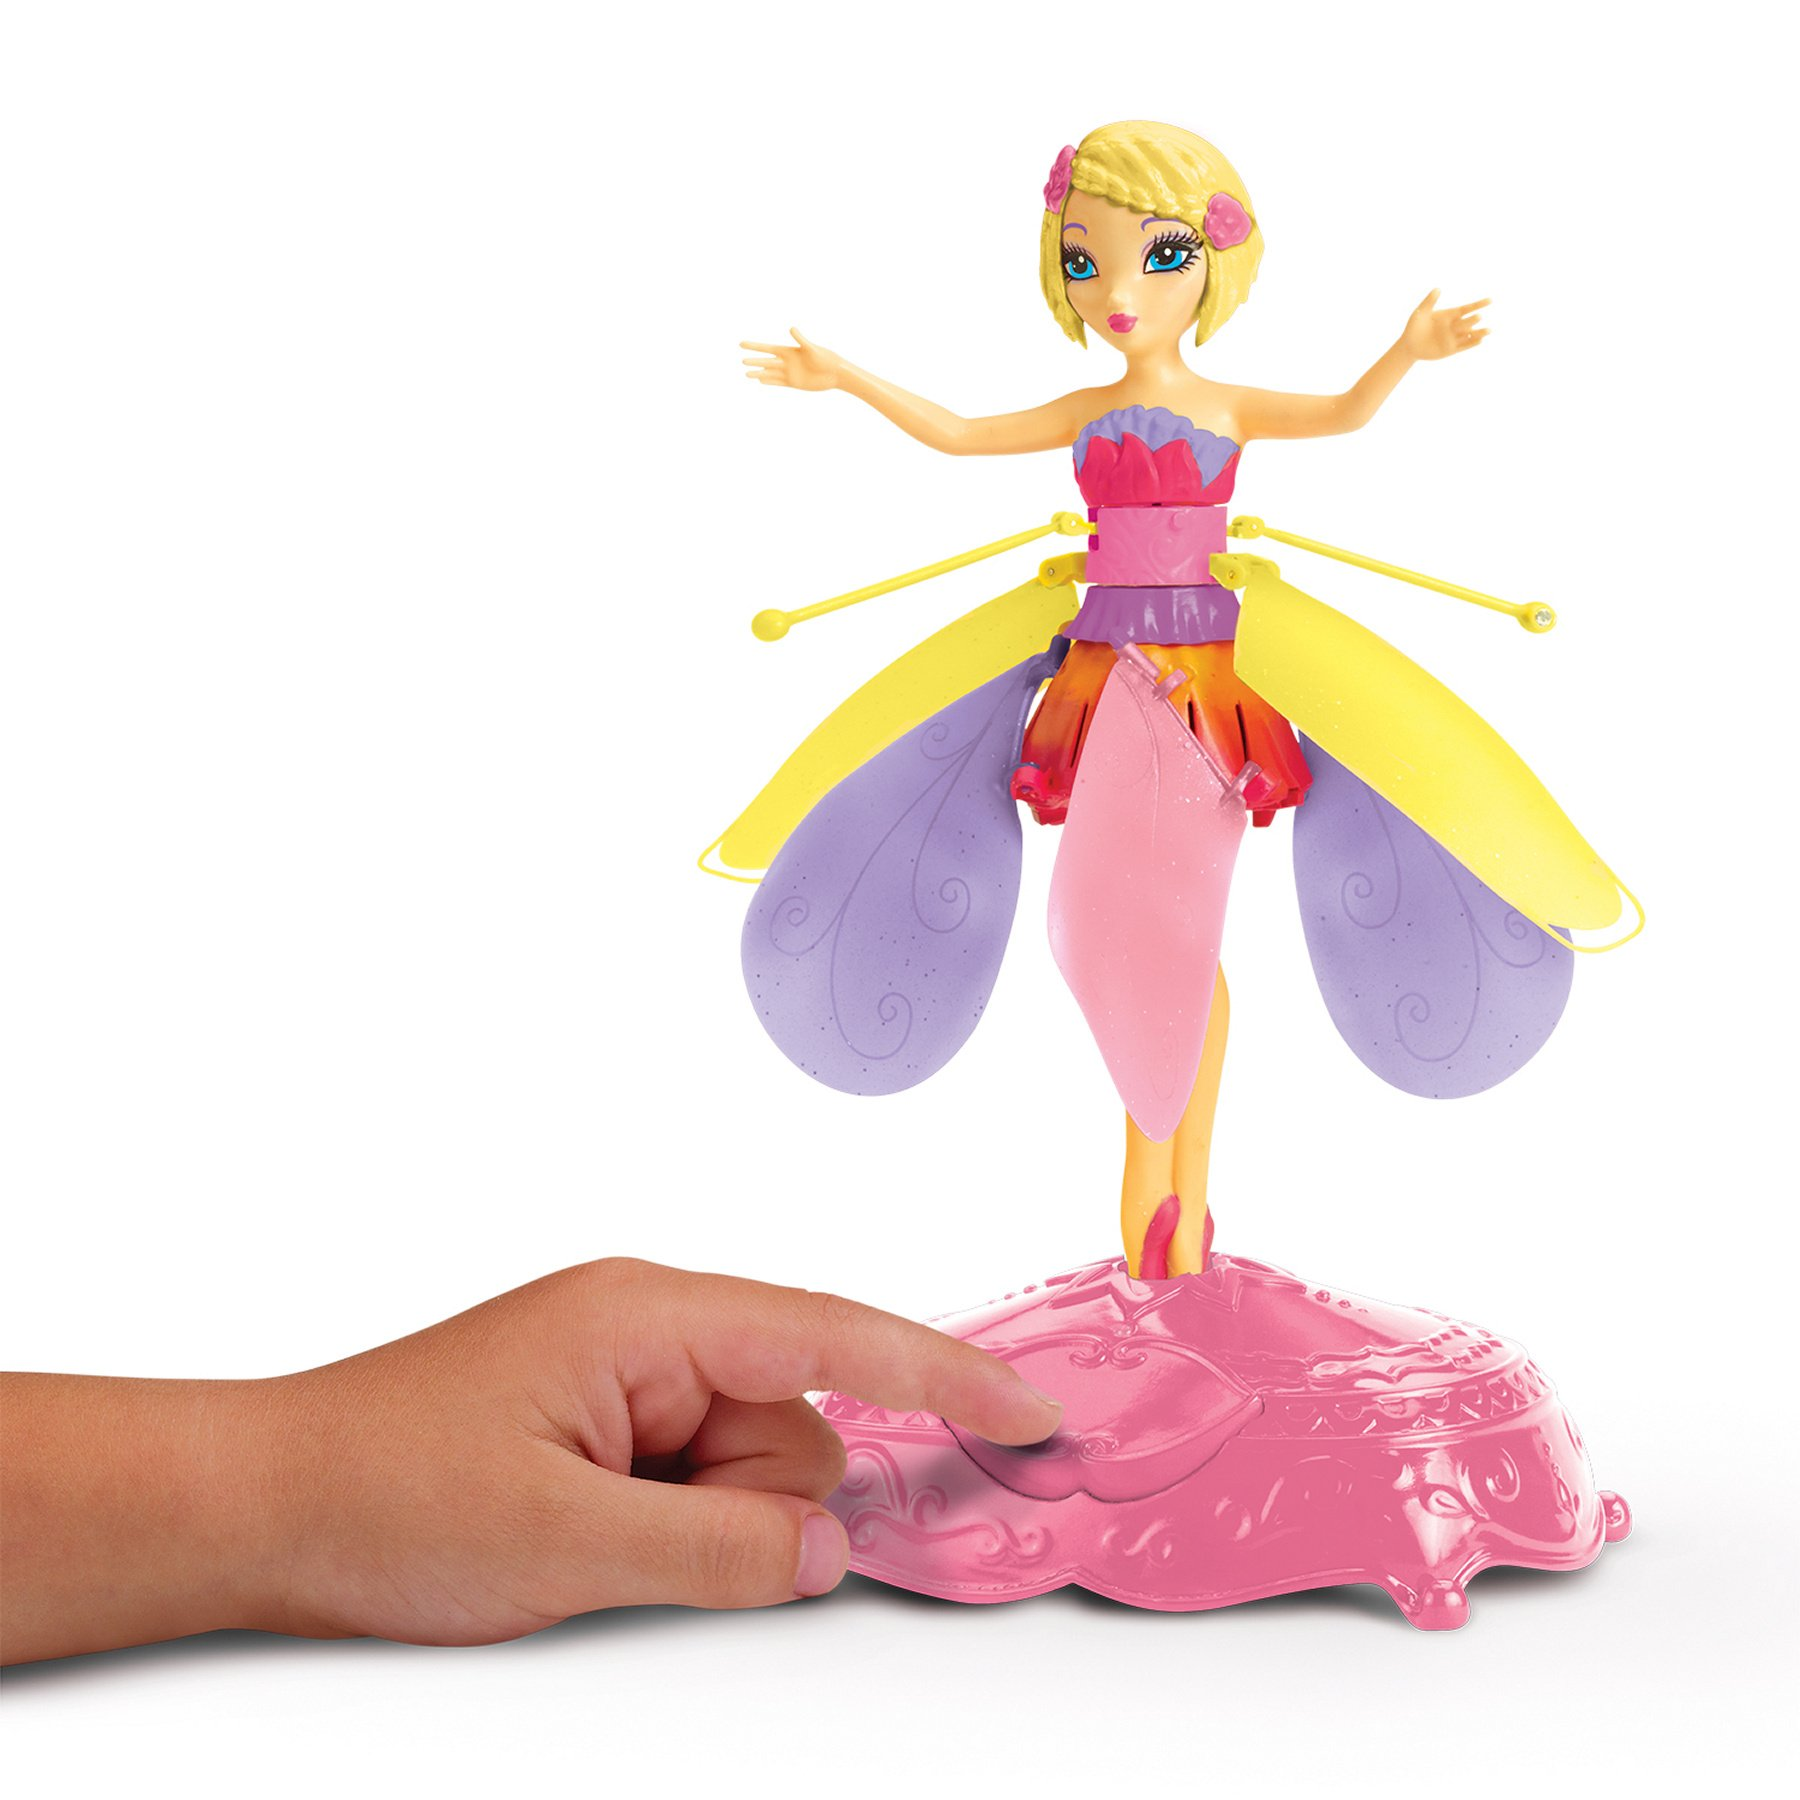 Flutterbye Flying Fairies - Dawn by Flutterbye Fairy (Image #5)